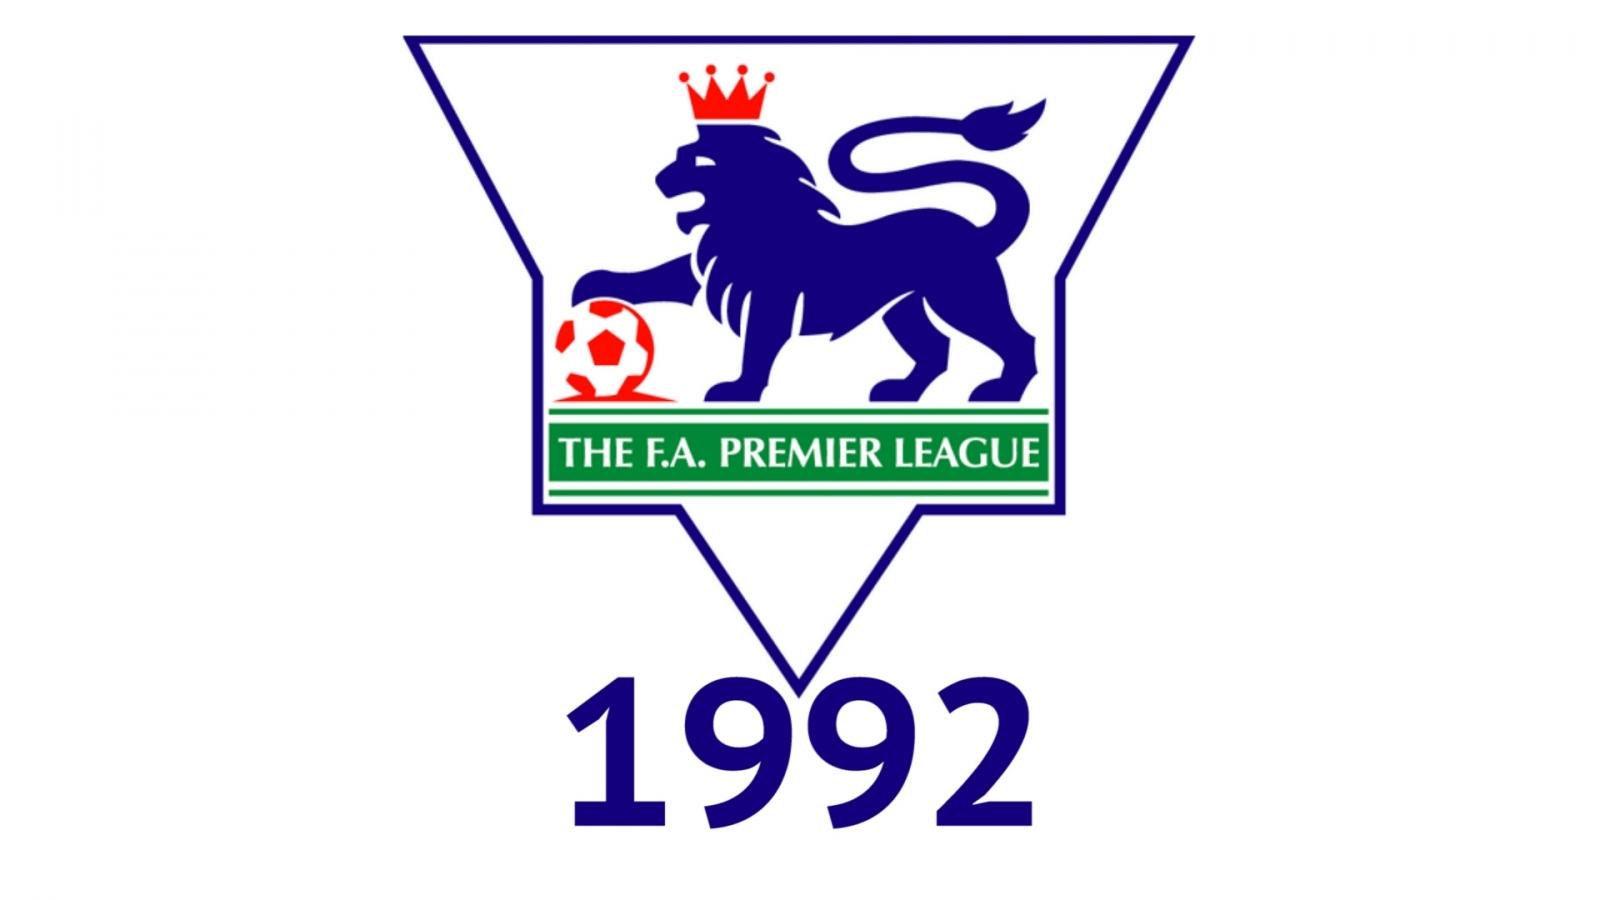 Premier League at 25: Then versus now